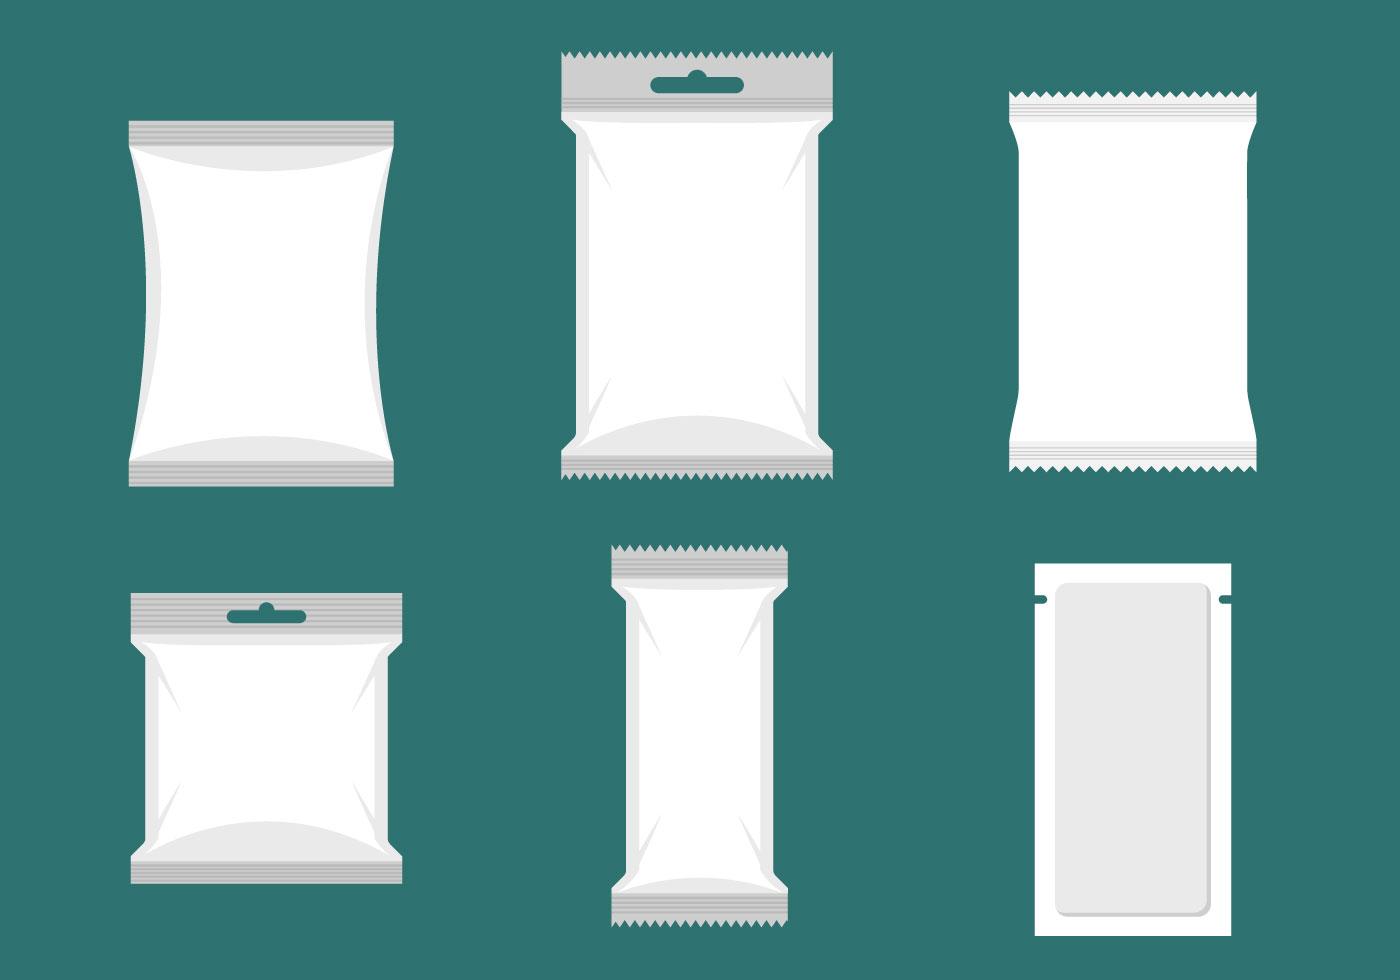 Sachet Vector Packaging Download Free Vector Art Stock